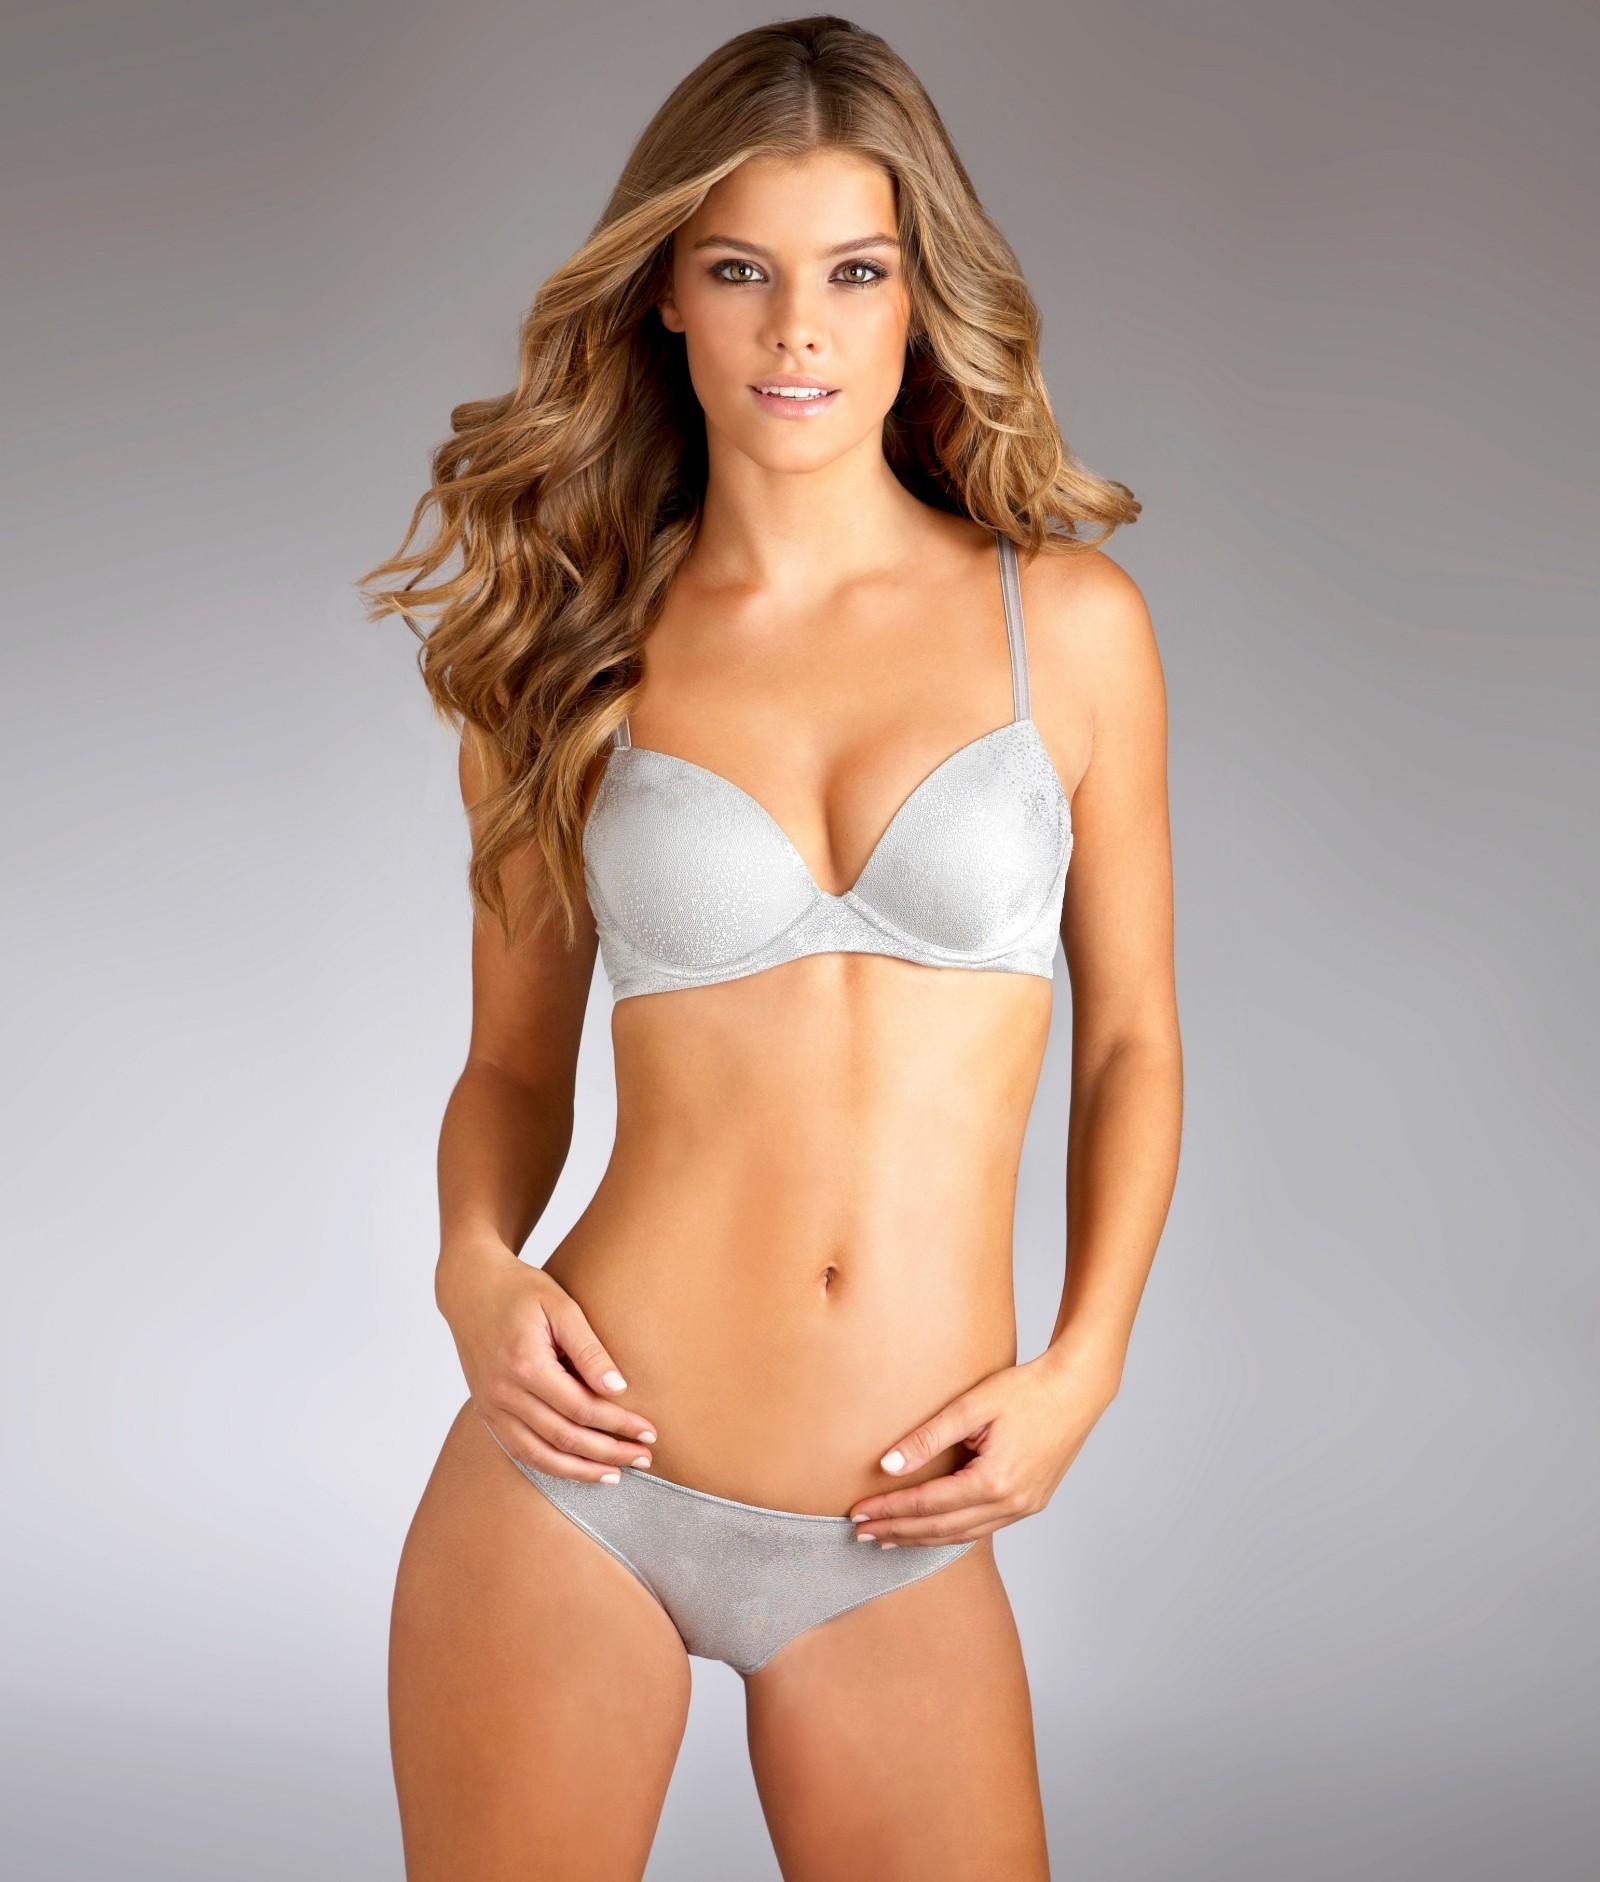 Miss sporty lingerie xxx movies